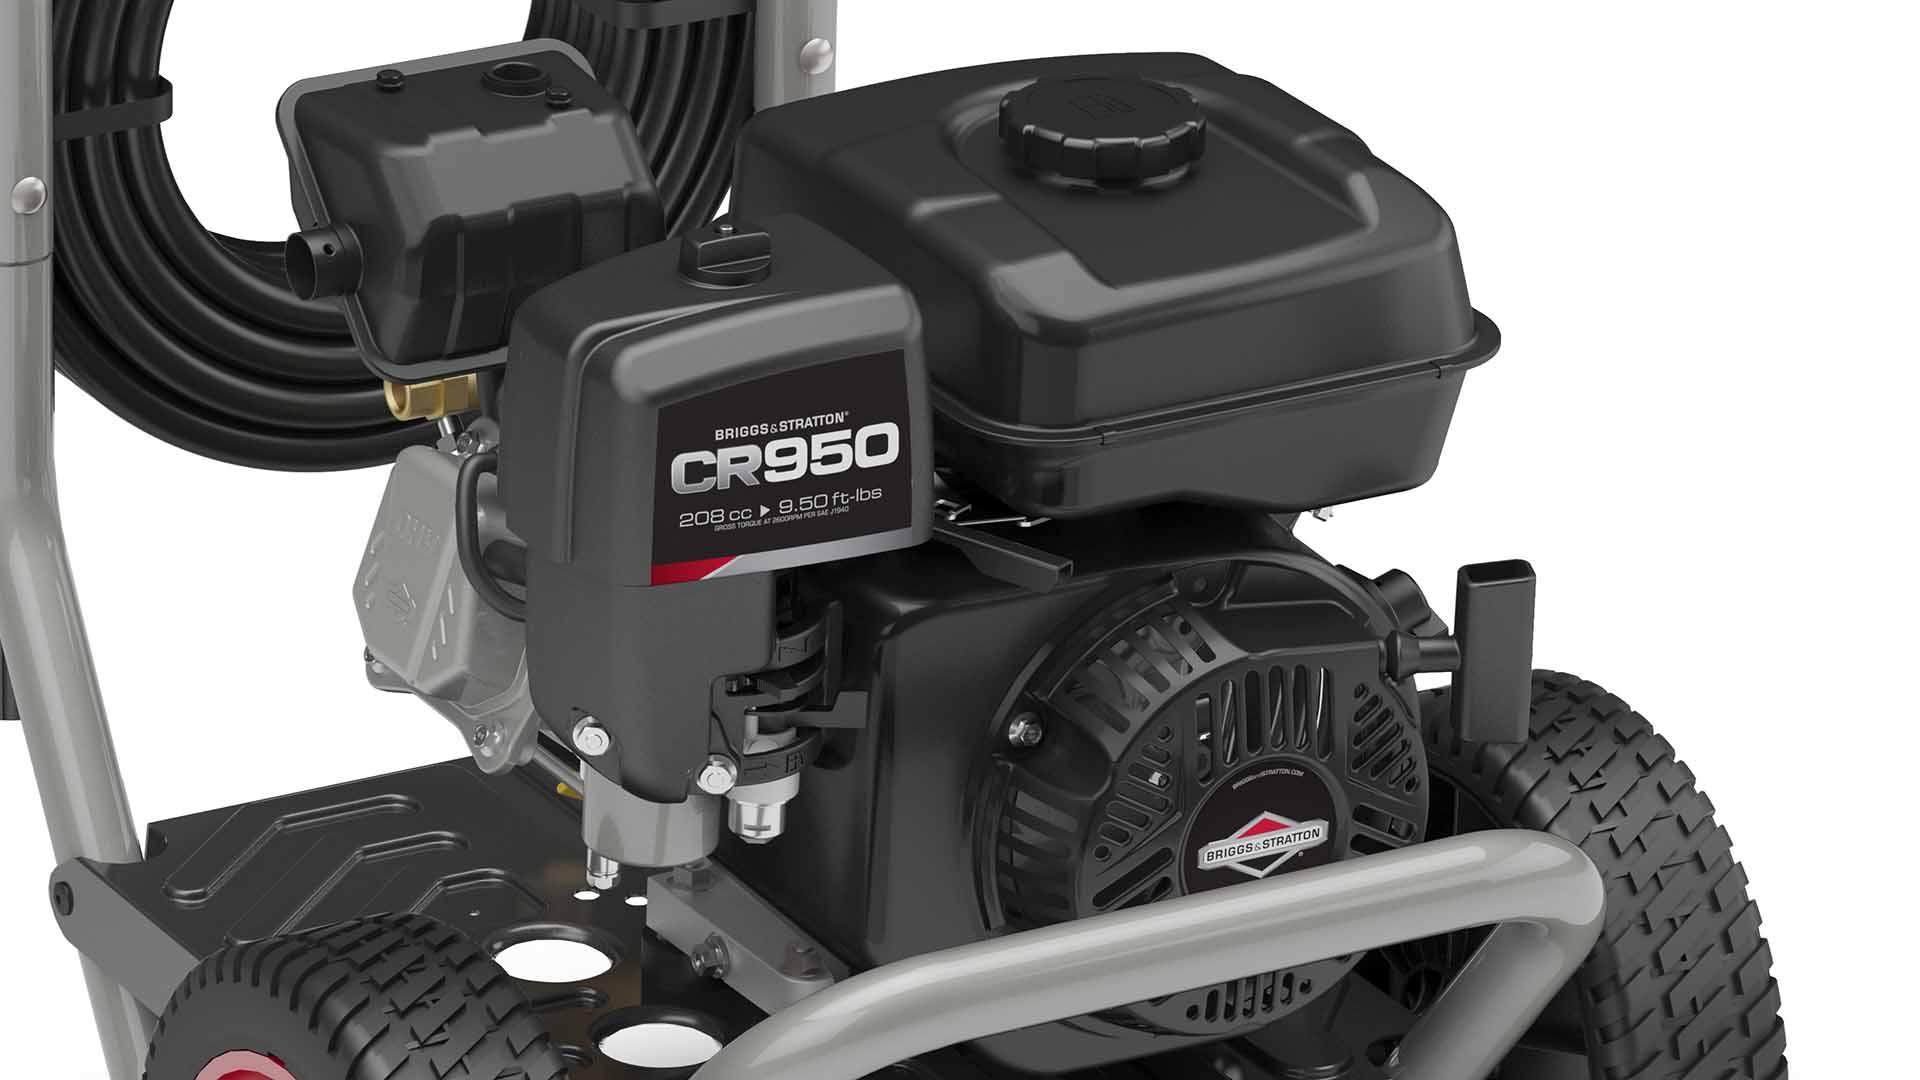 3200 Max Psi 27 Gpm Diagram Parts List For Model 92500to9259901100280 Briggsstratton Briggs Stratton Cr950 Series Ohv Engine 208cc